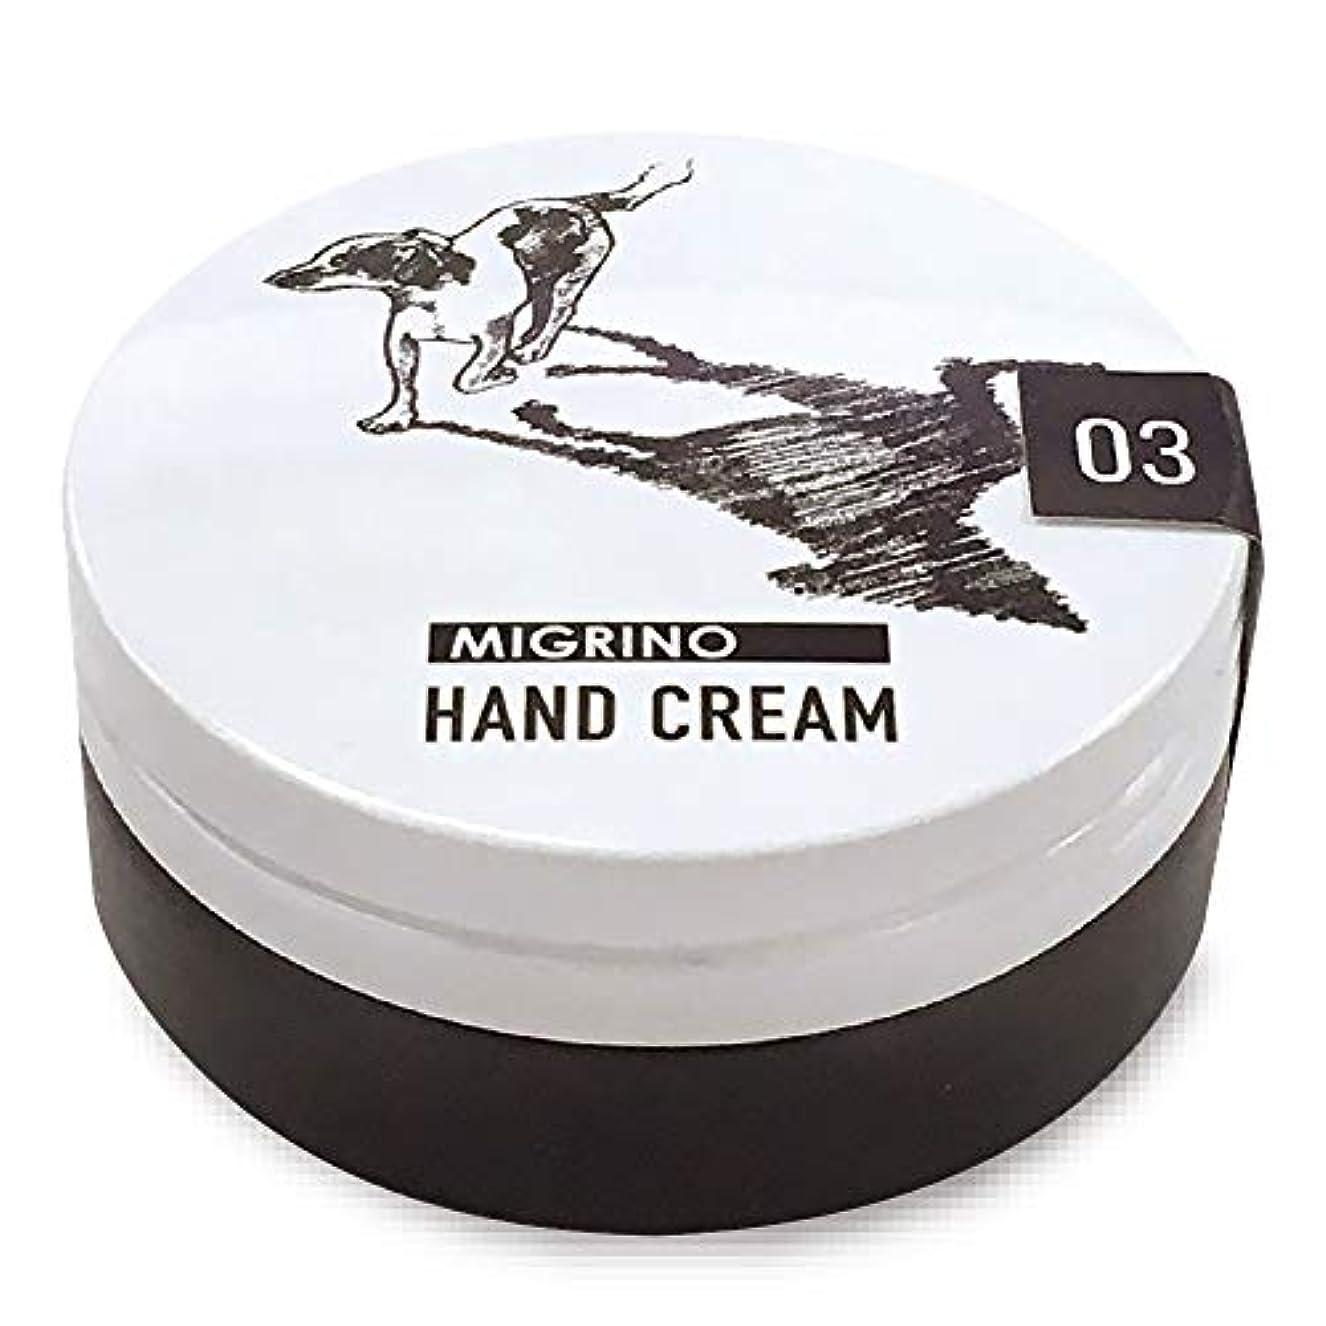 あなたが良くなりますうぬぼれオークションノルコーポレーション ハンドクリーム PADROL 保湿成分配合 日本製 ベルガモットの香り 60g PAD-9-03